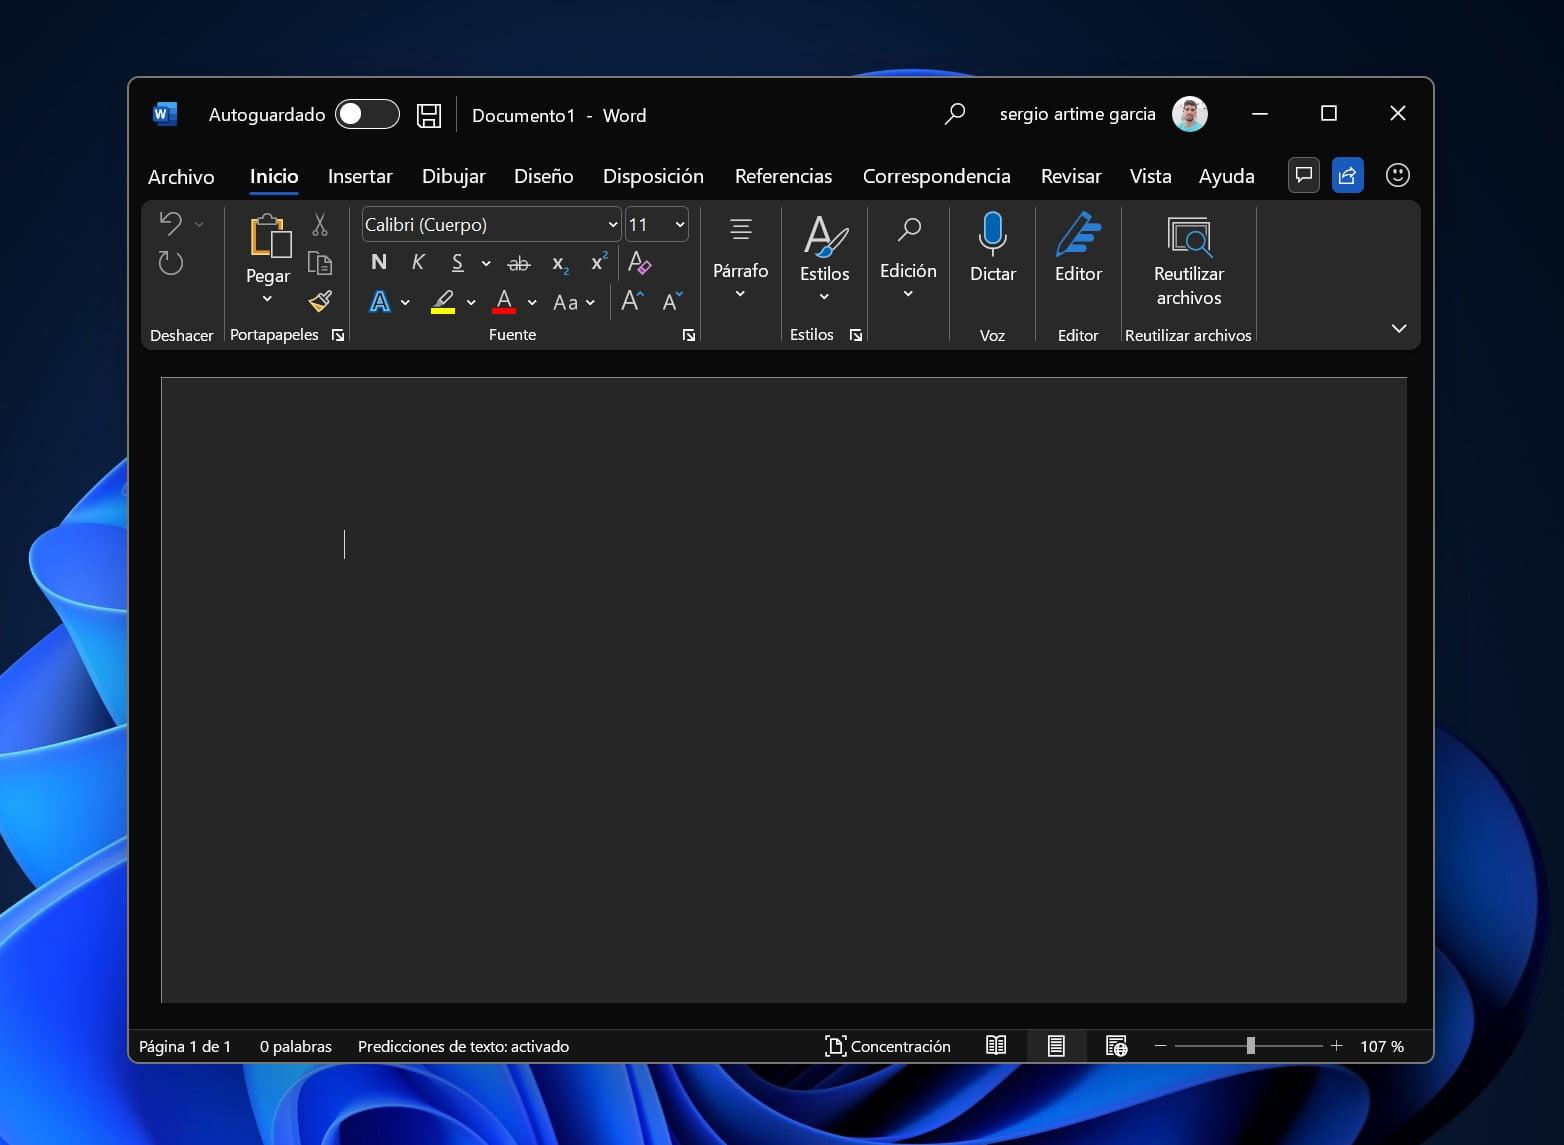 Nuevo diseño de Office en tema oscuro